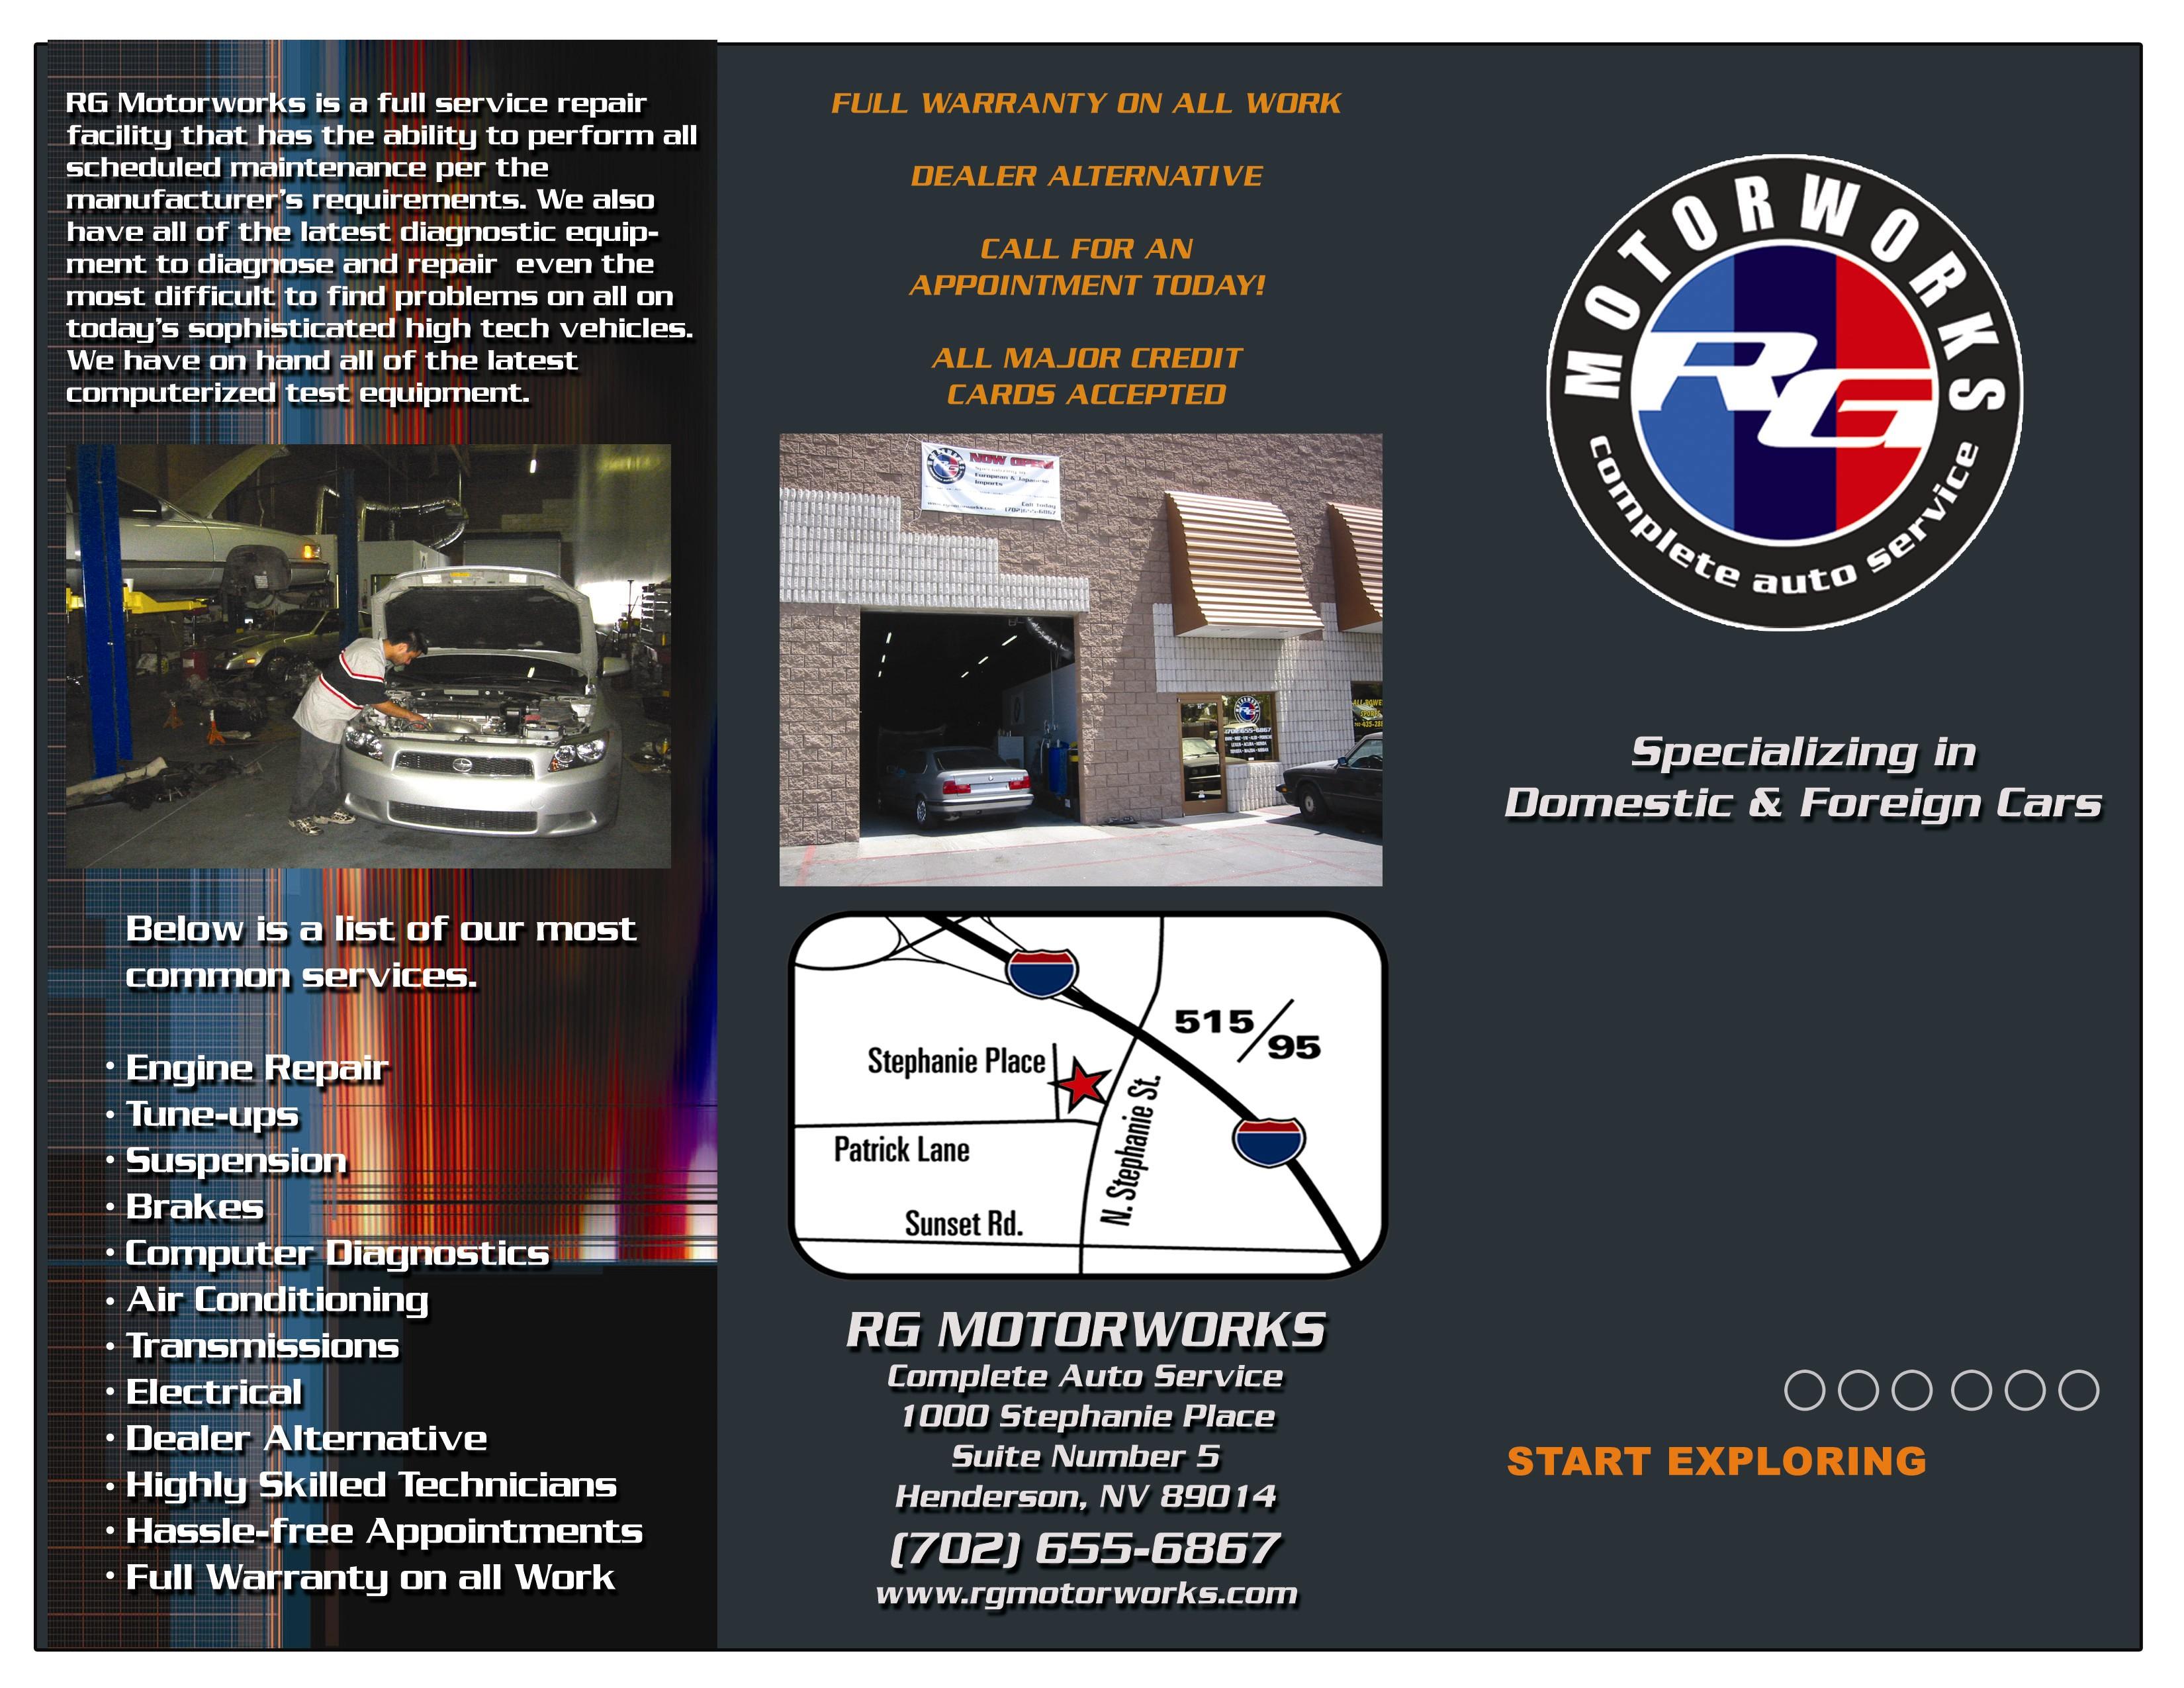 Mercedes Benz Repair By Rg Motorworks In Henderson Nv